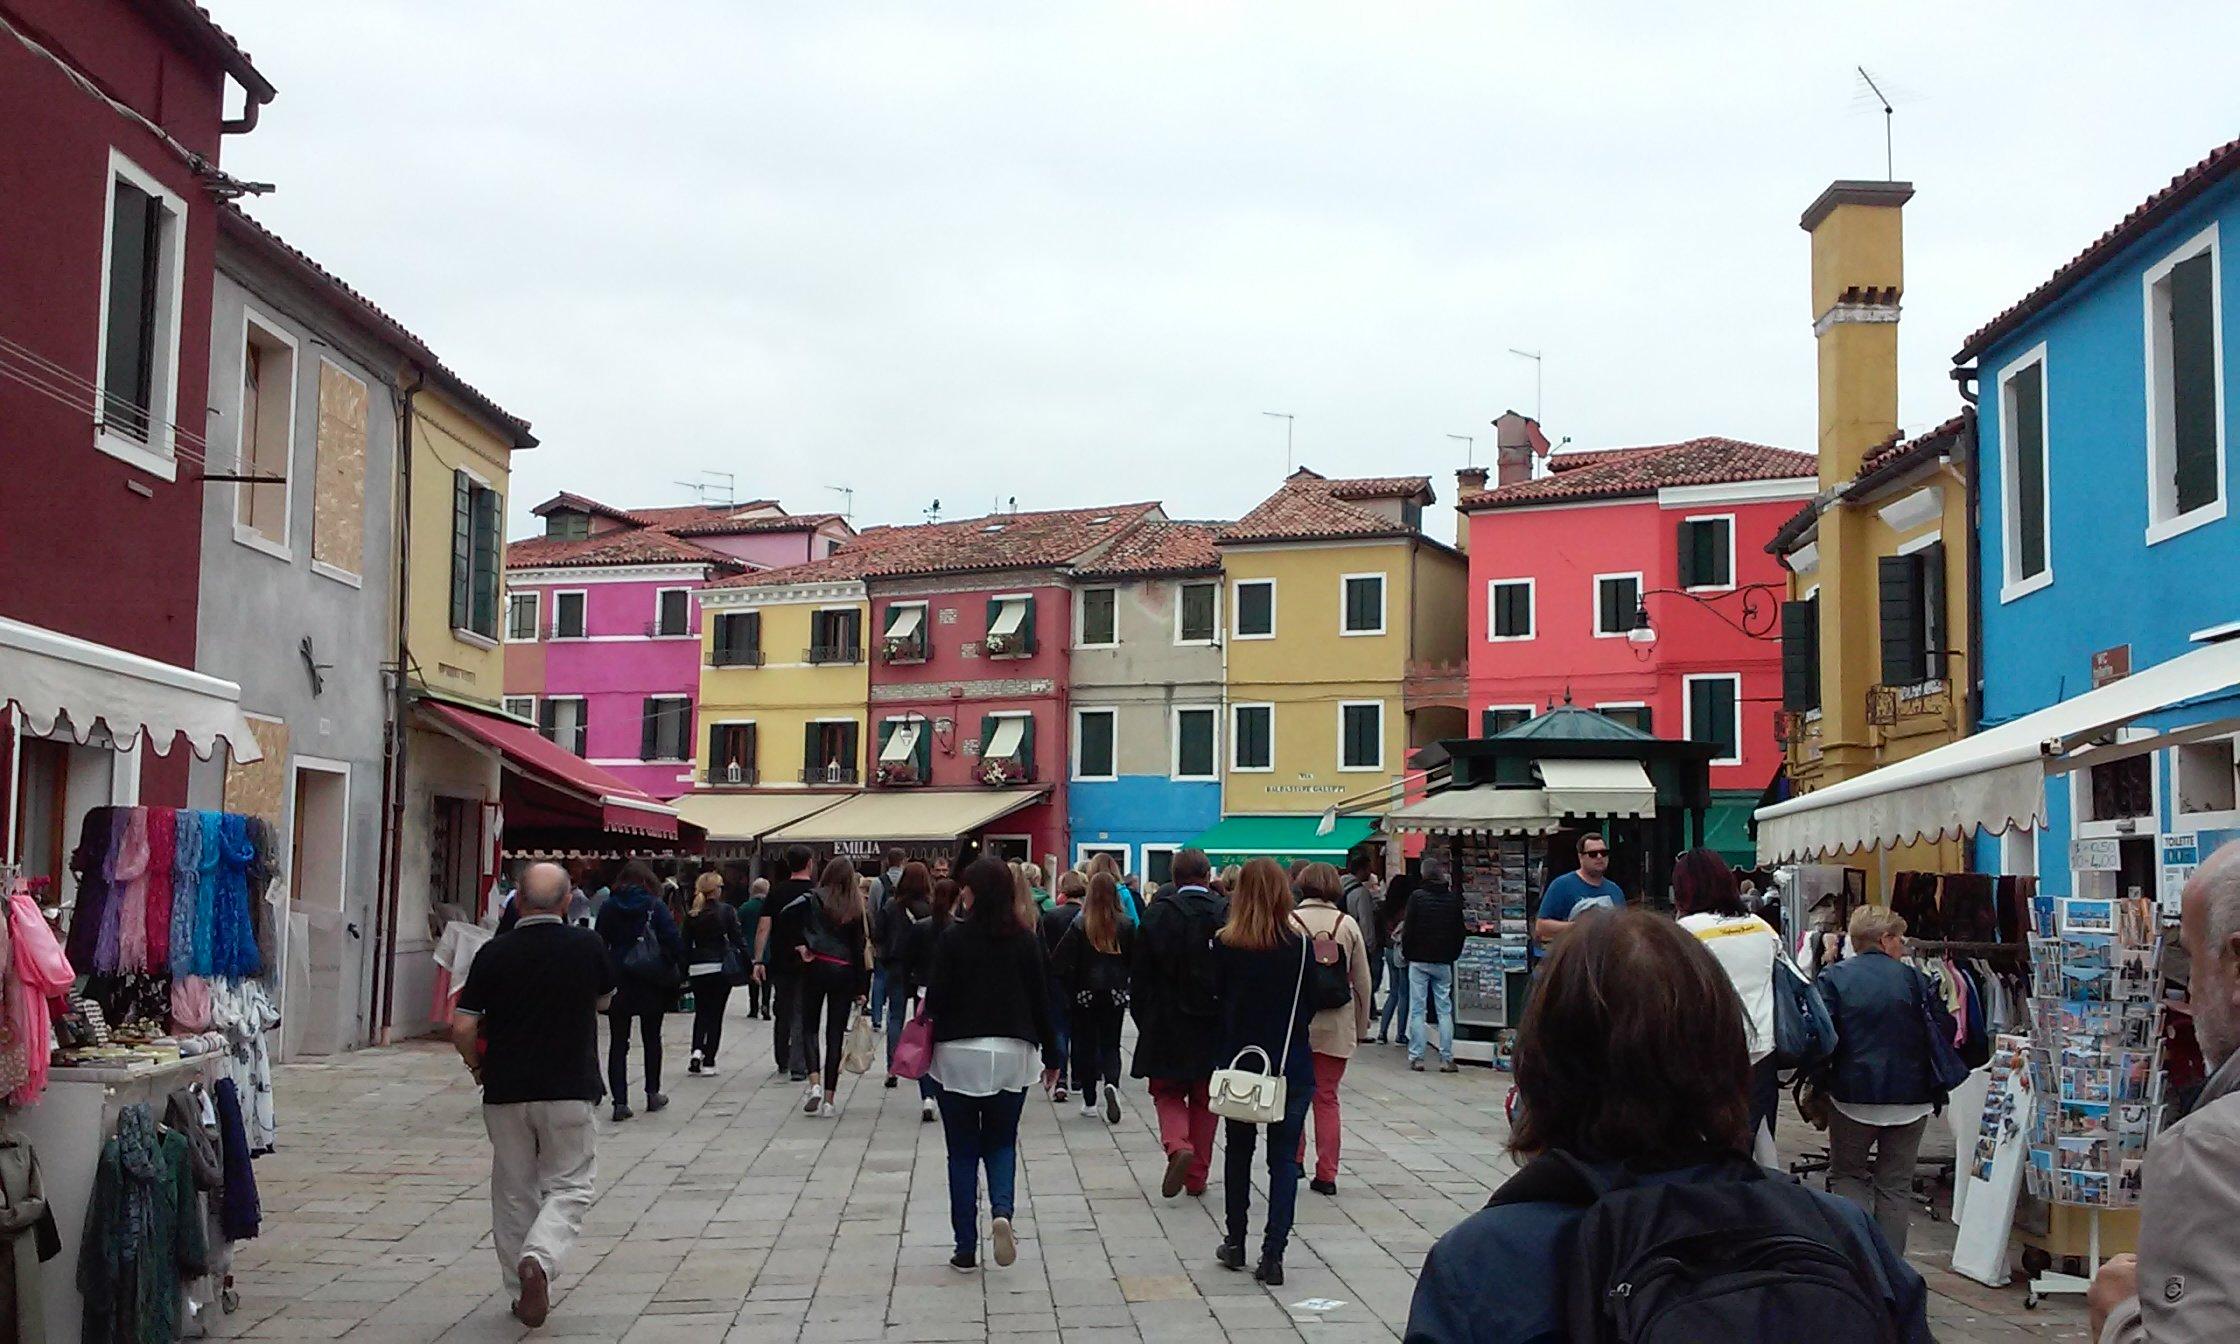 Burano Venice shore excursion